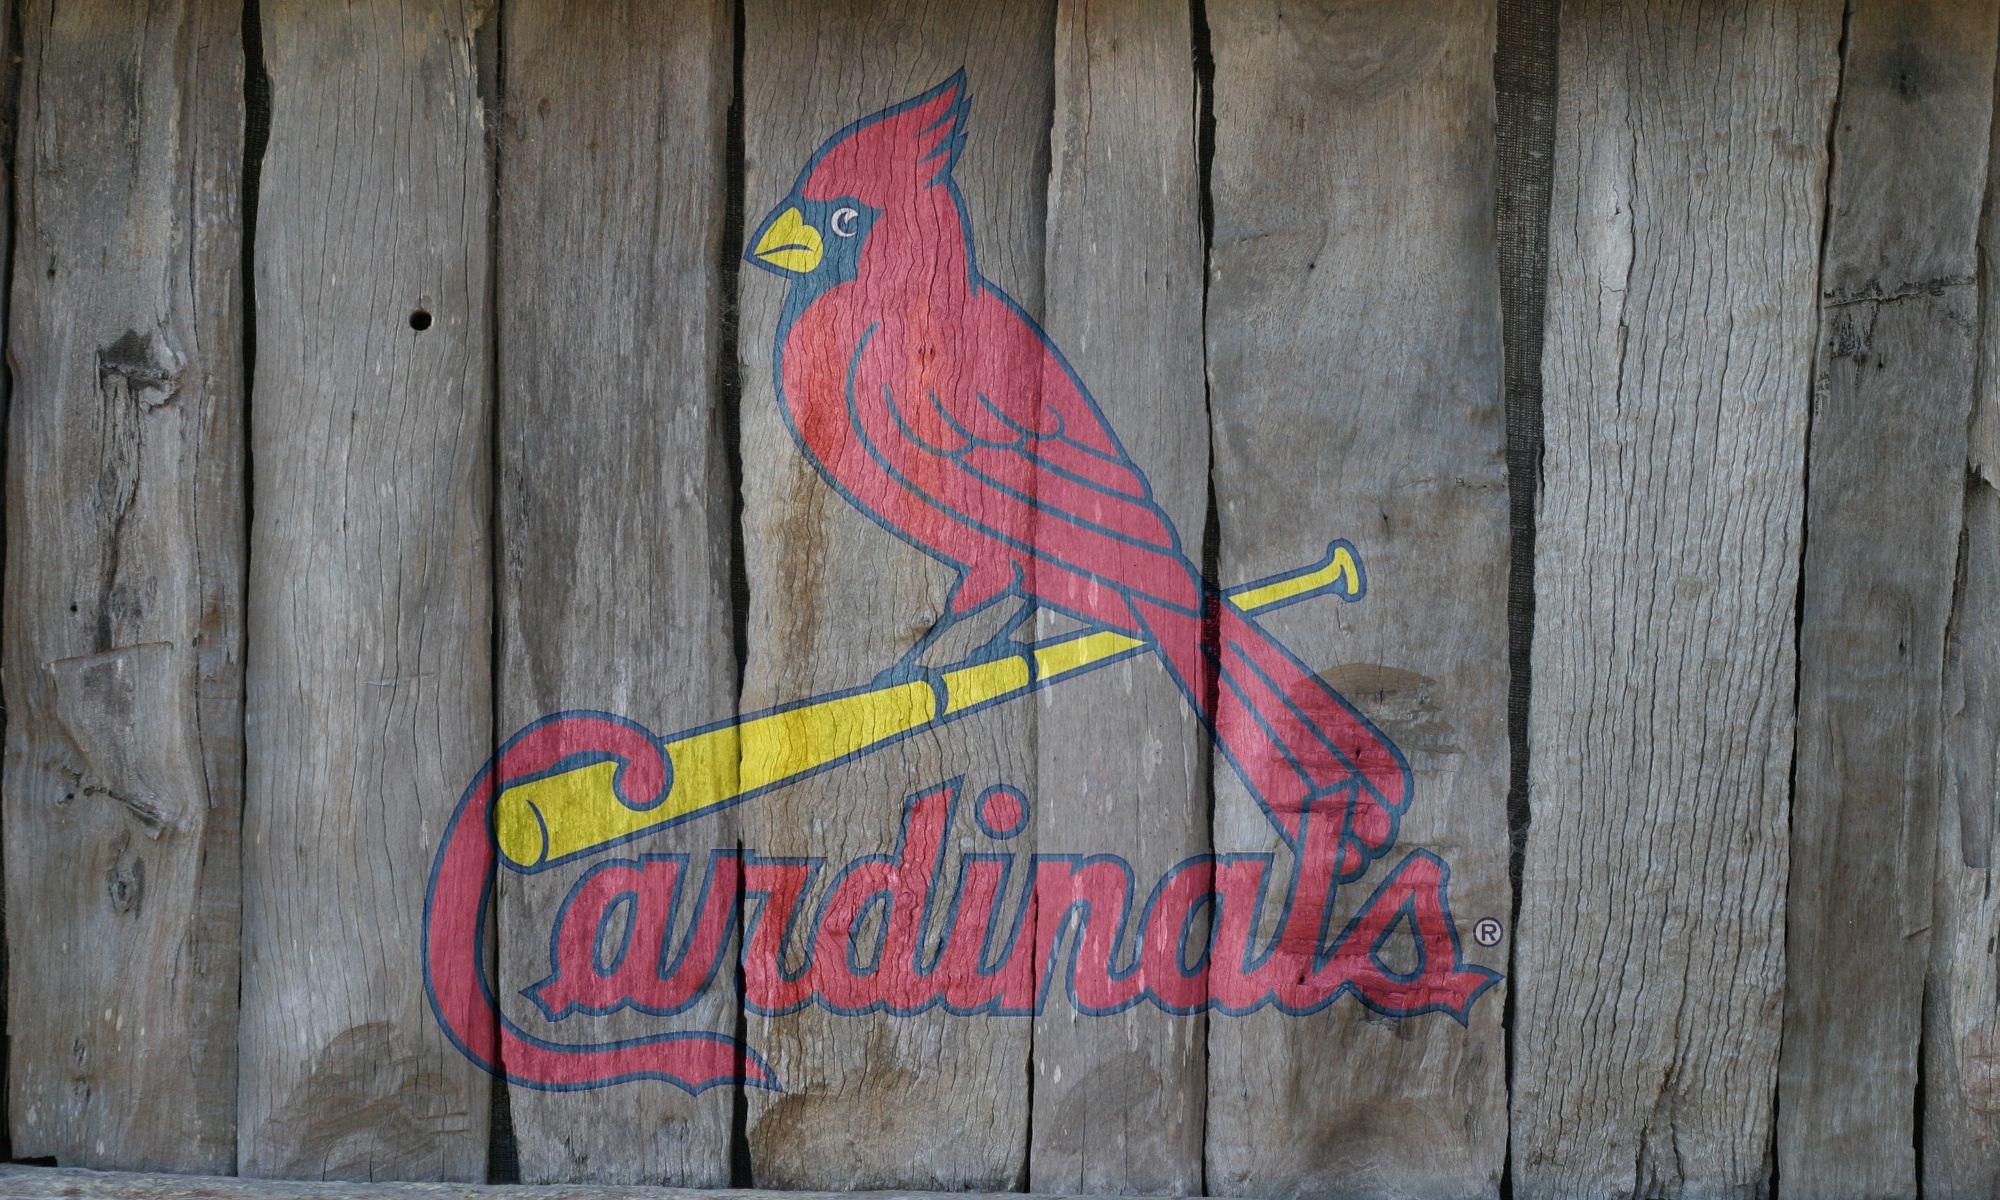 HD St Louis Cardinals Wallpaper / Wallpaper Database